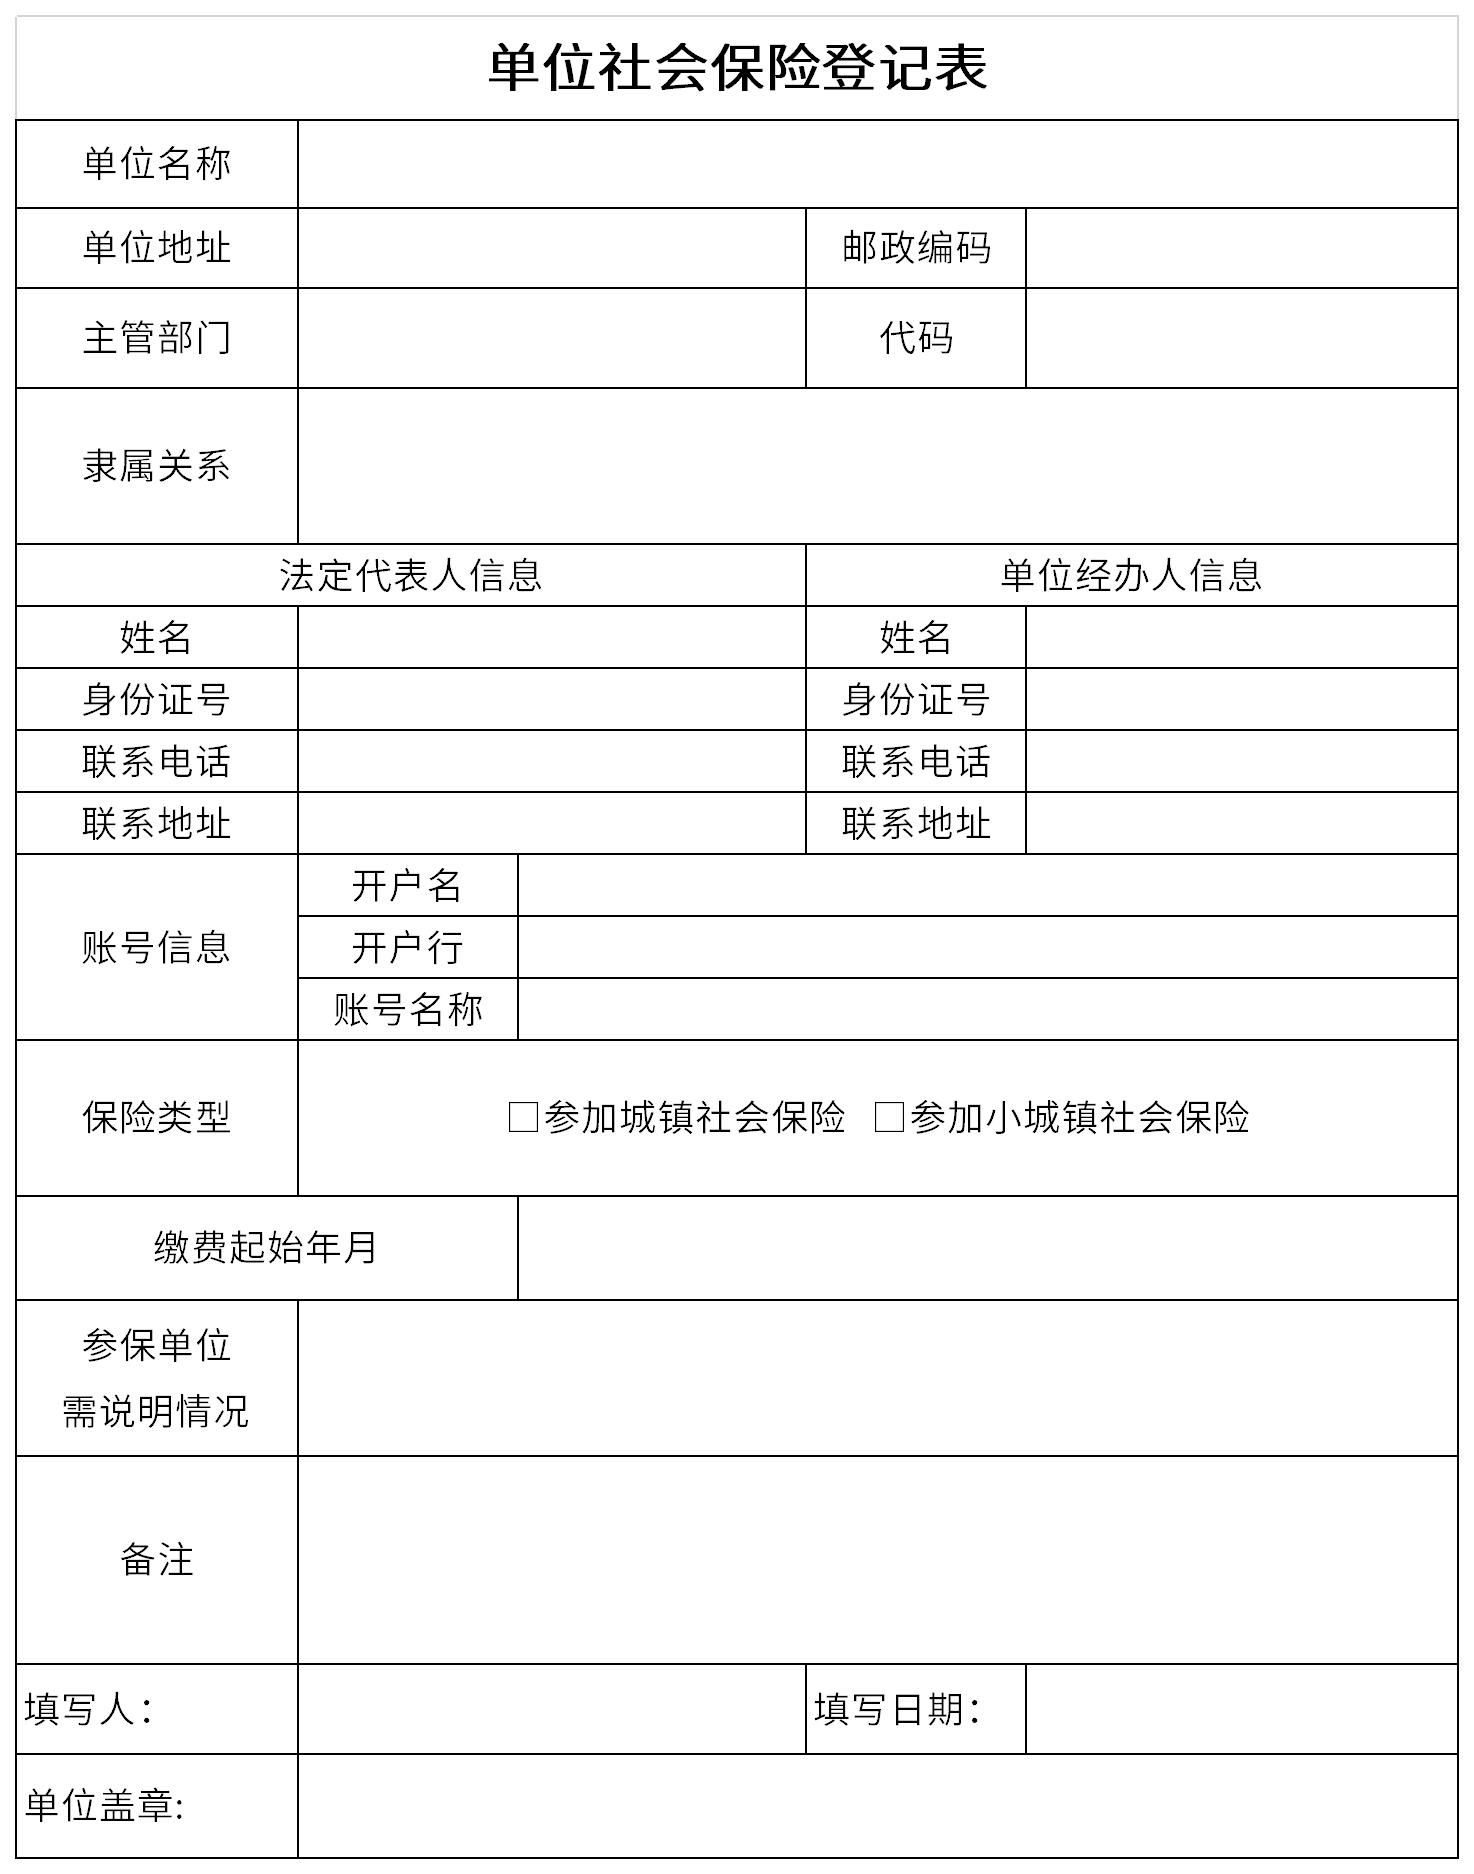 单位社会保险登记表截图